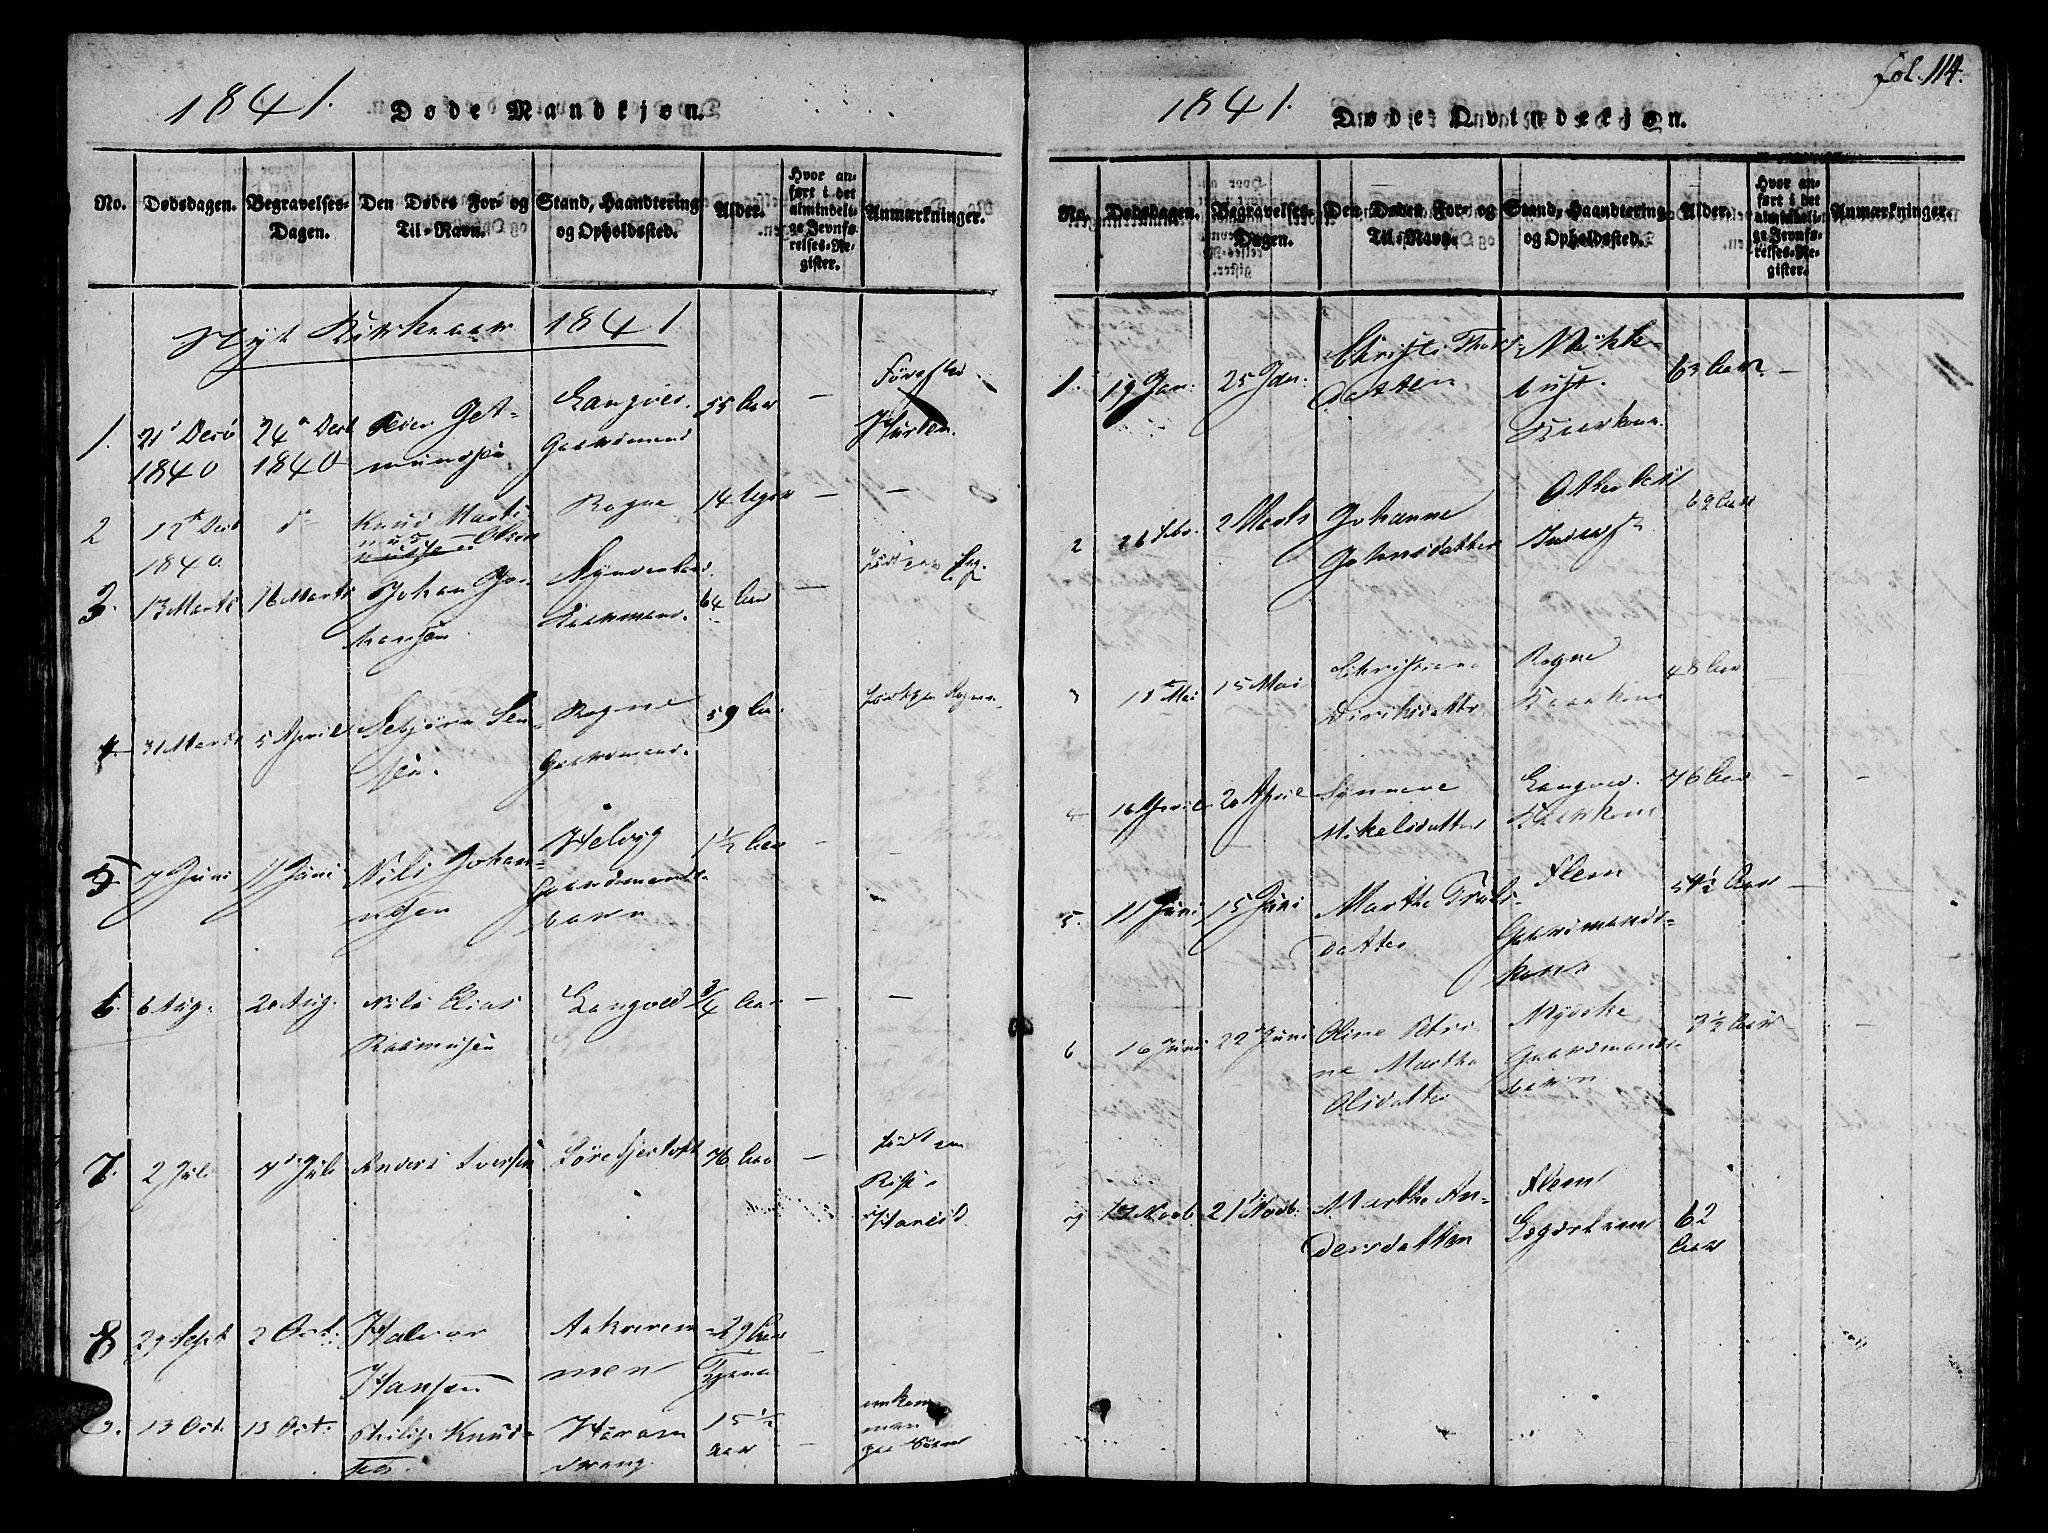 SAT, Ministerialprotokoller, klokkerbøker og fødselsregistre - Møre og Romsdal, 536/L0495: Ministerialbok nr. 536A04, 1818-1847, s. 114